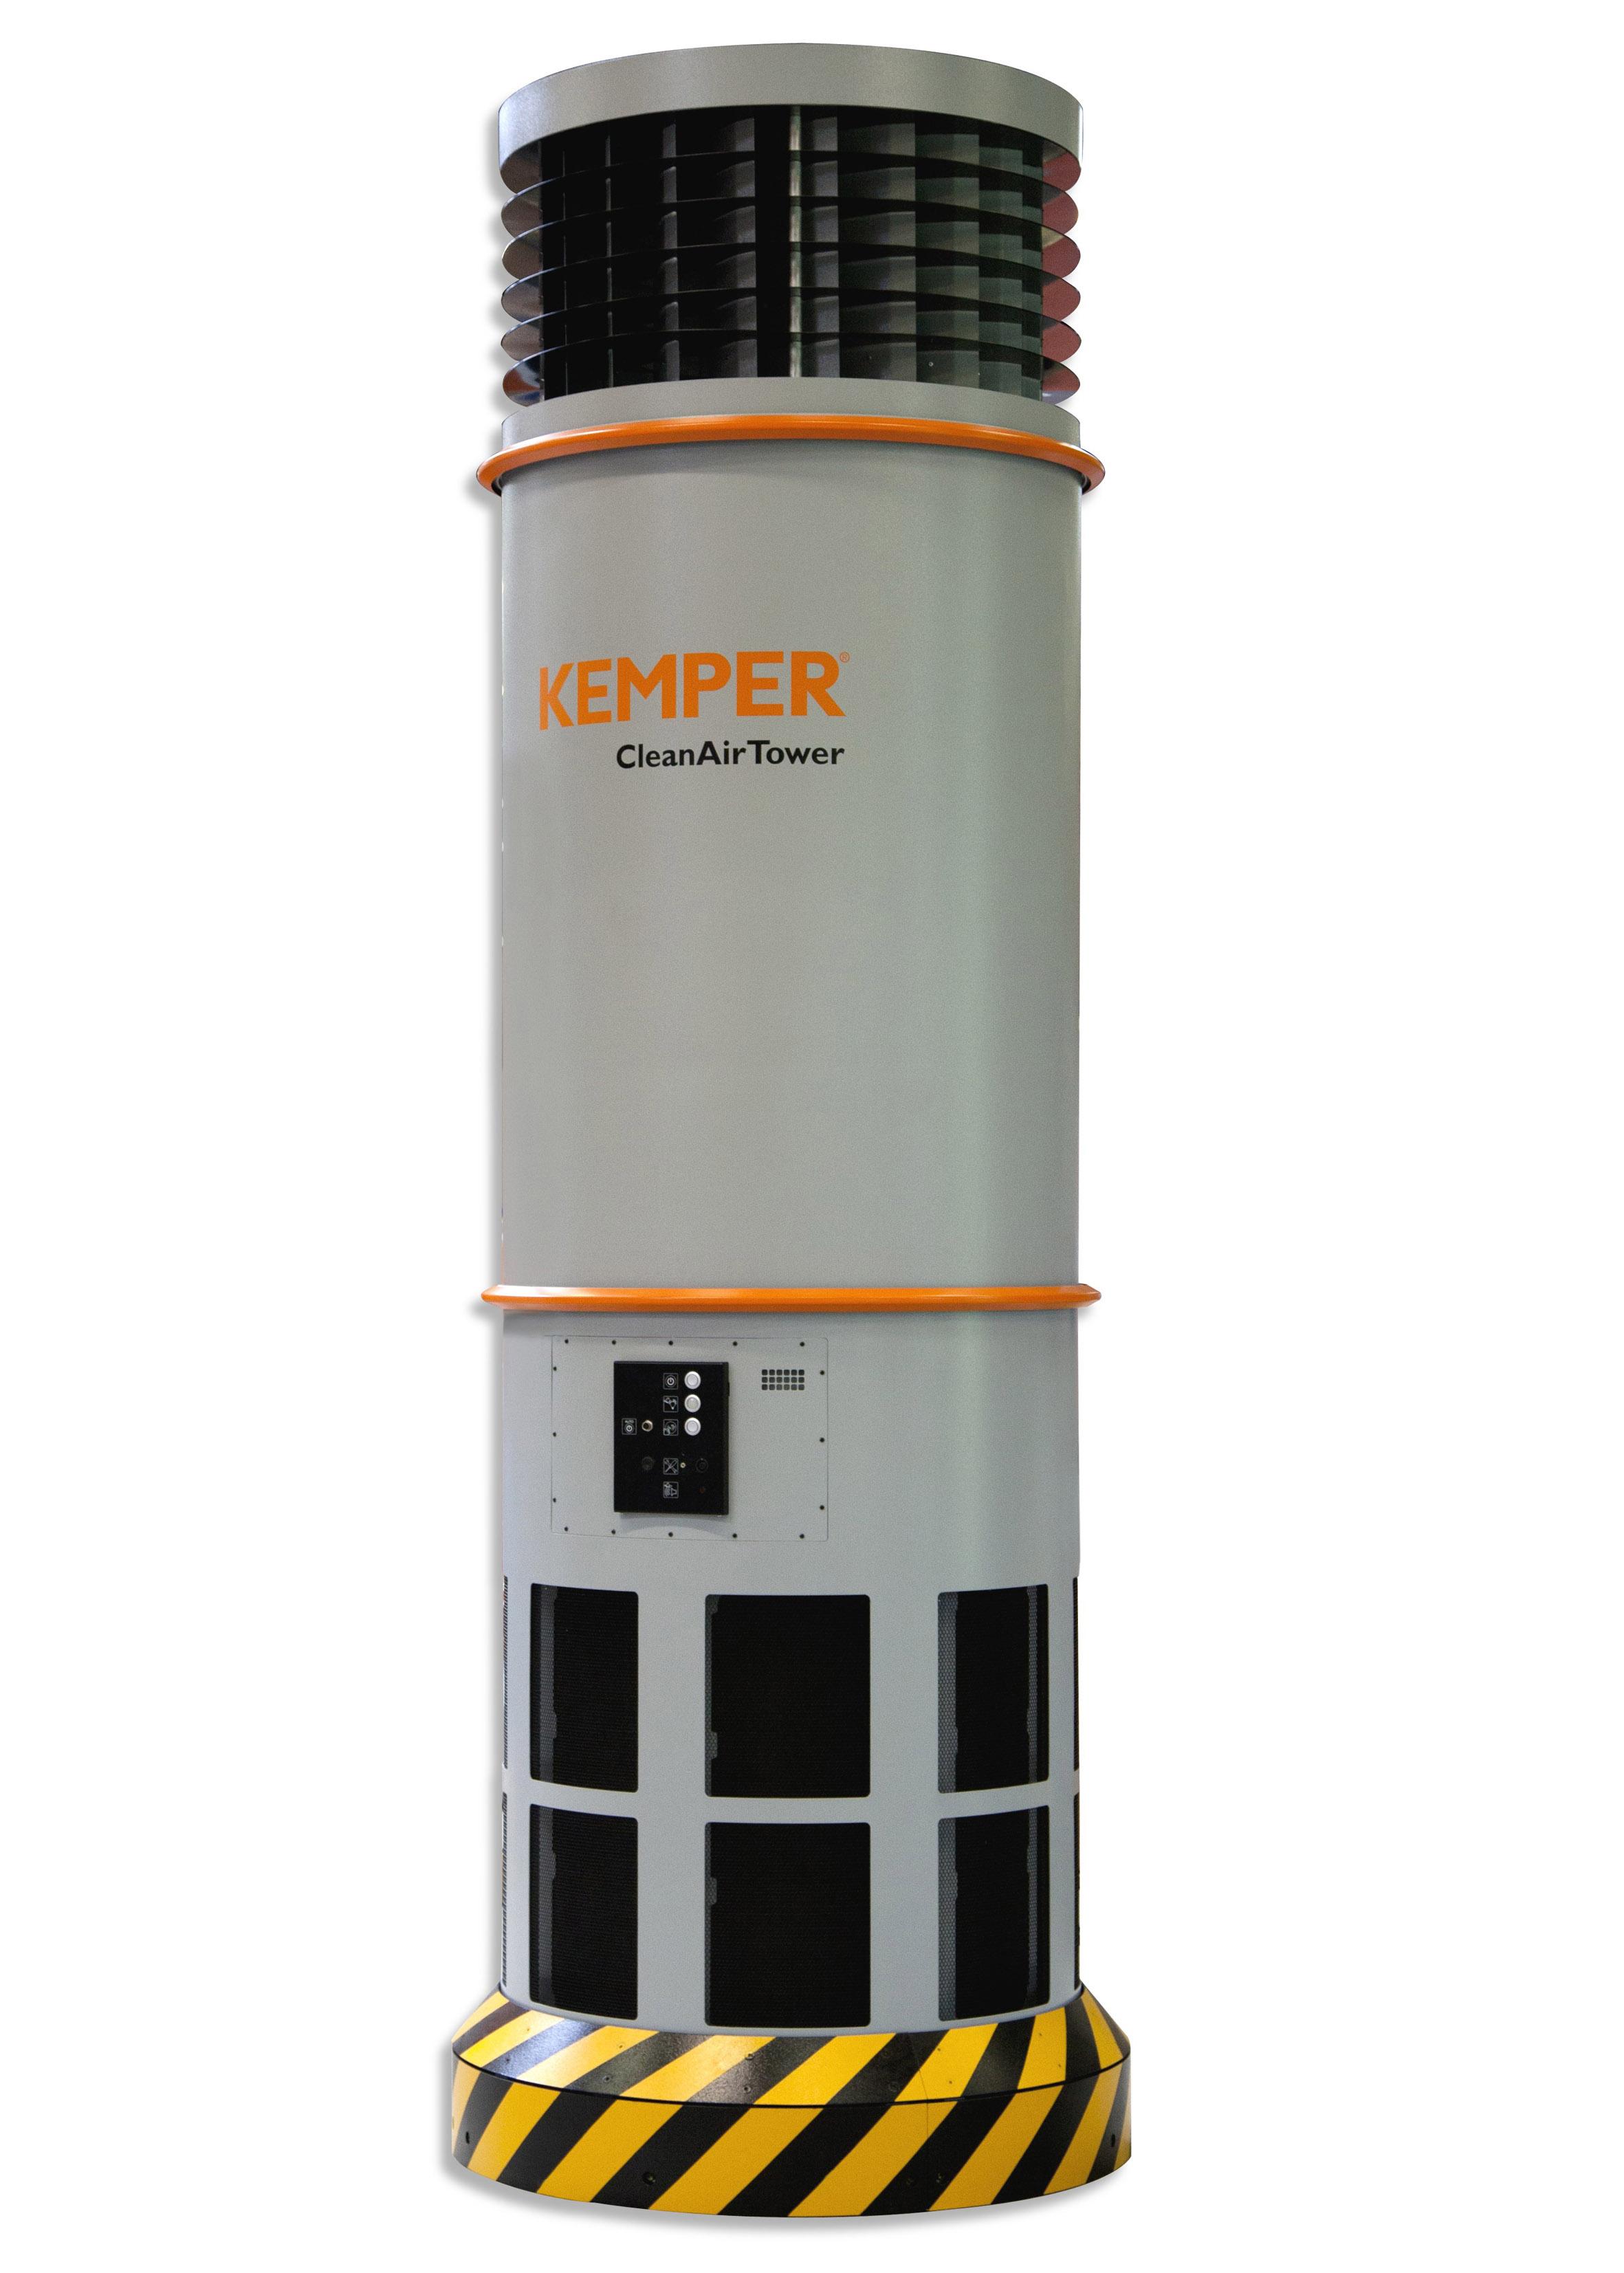 KEMPER_CleanAirTower_freigestellt